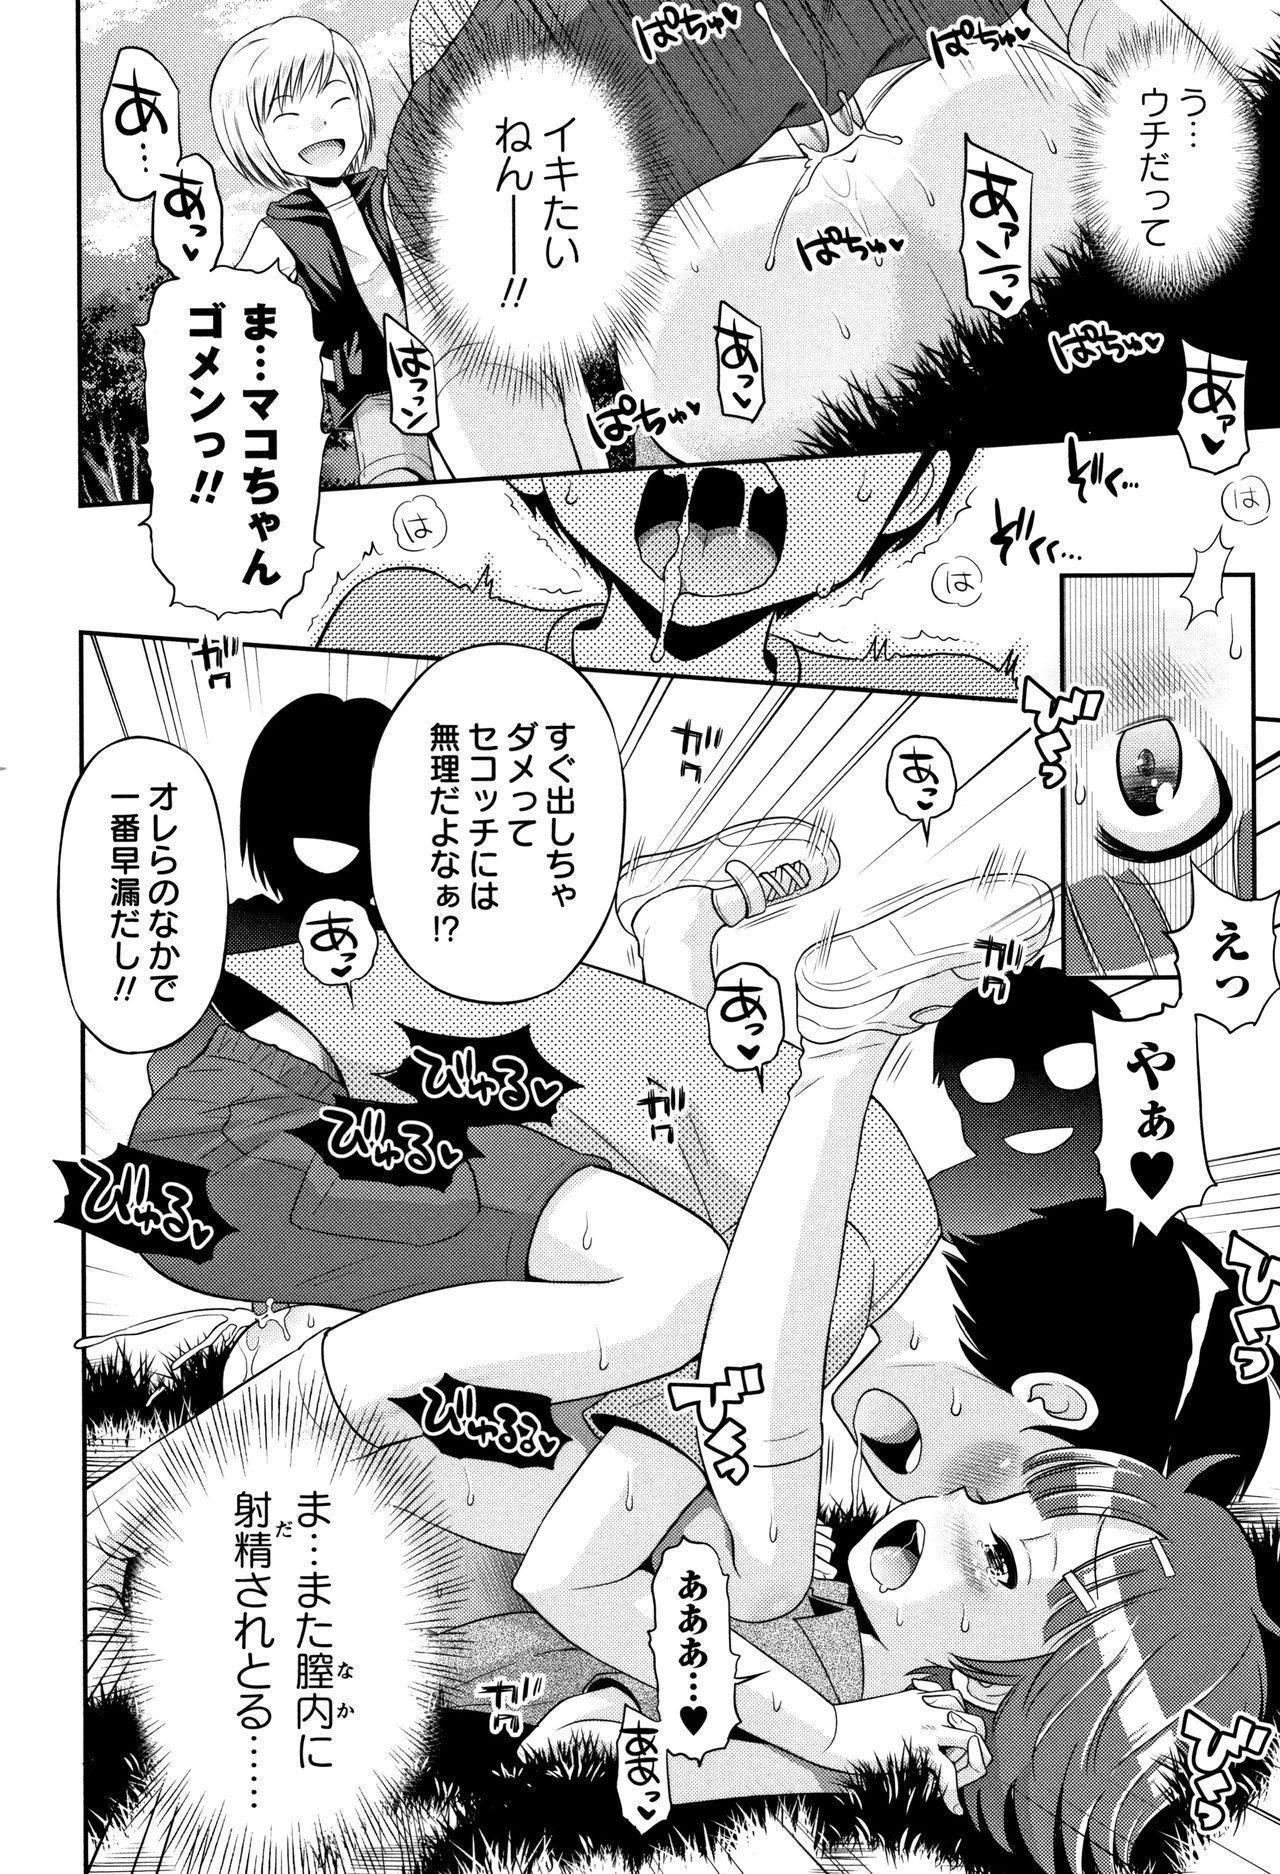 Mako to Himitsu no Houkago 26